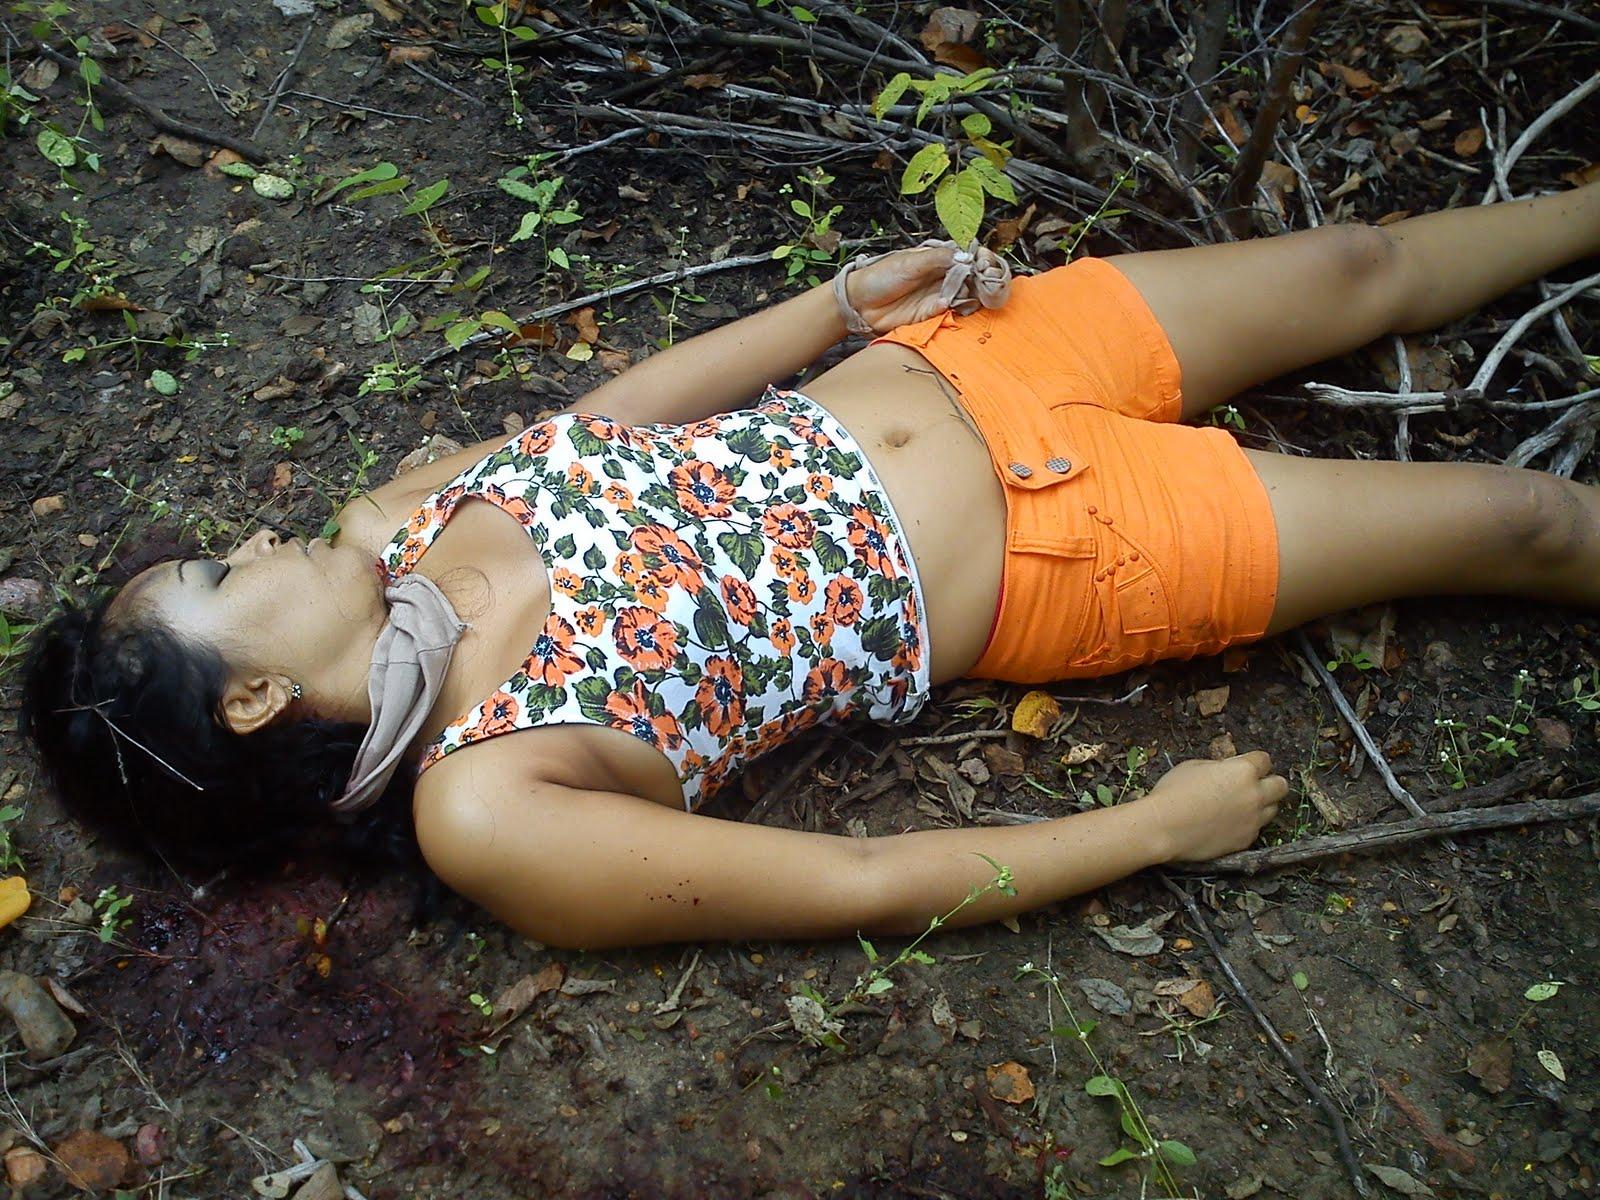 Talhada  Acusados Por Estupro E Inato De Jovem De Petrol  Ndia